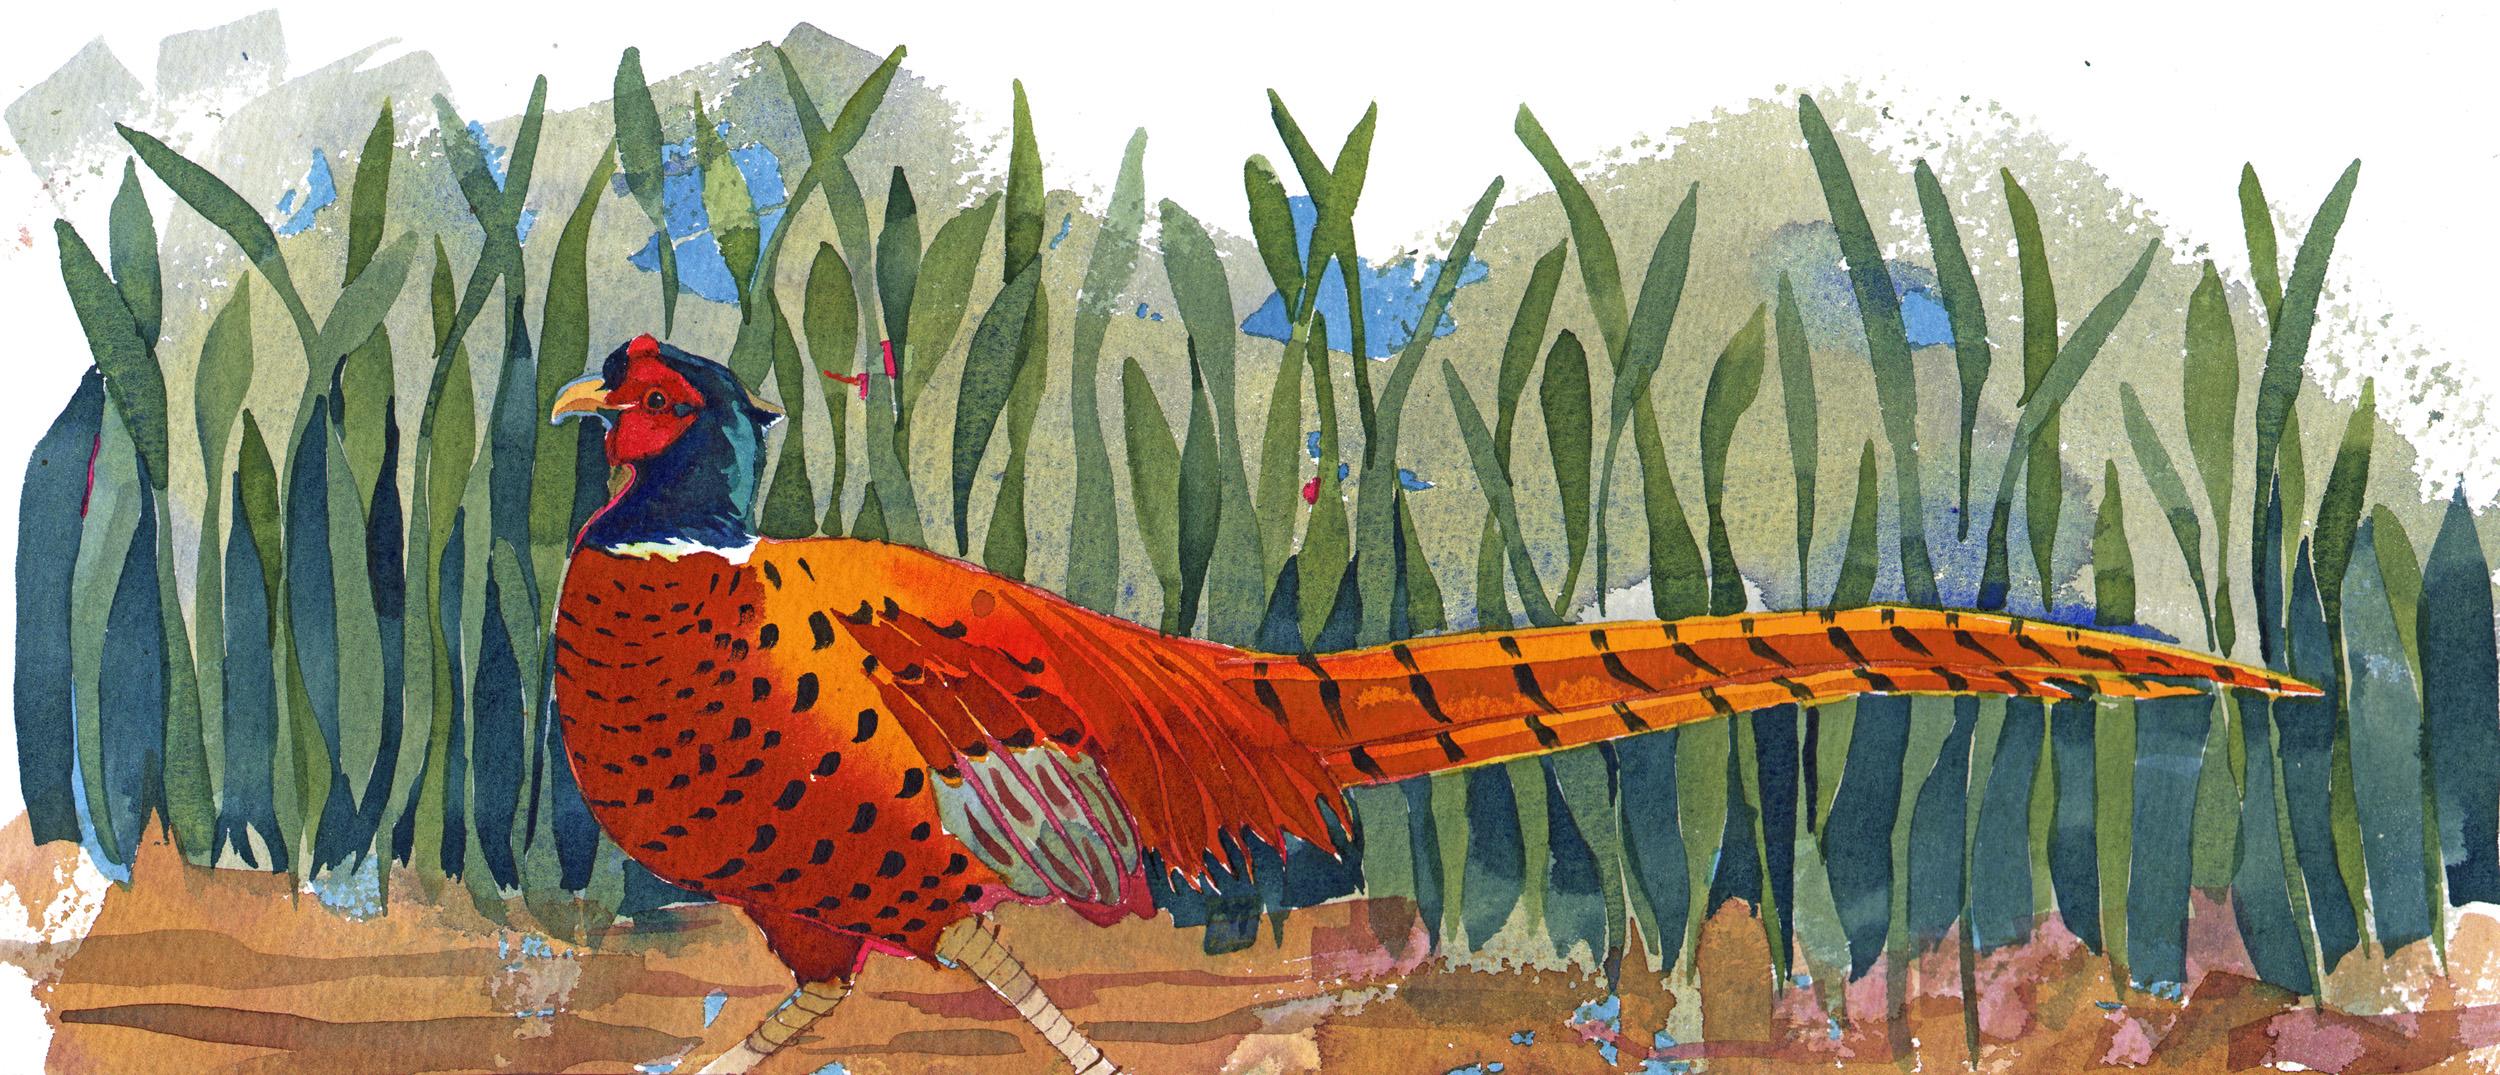 Pheasant I image